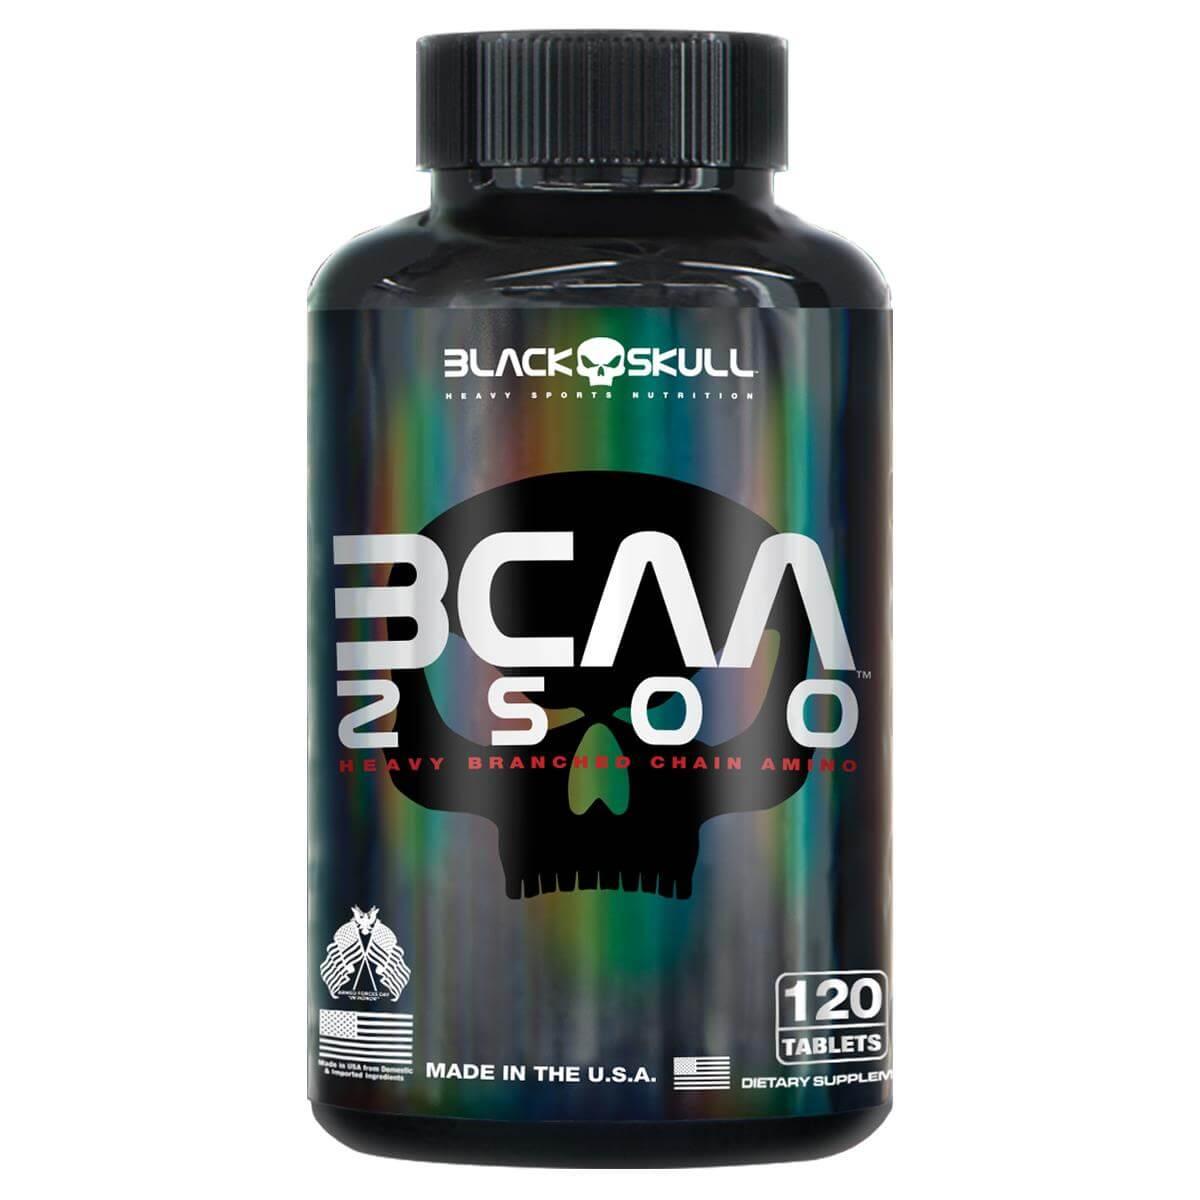 BCAA 2500 Black Skull - 120 caps